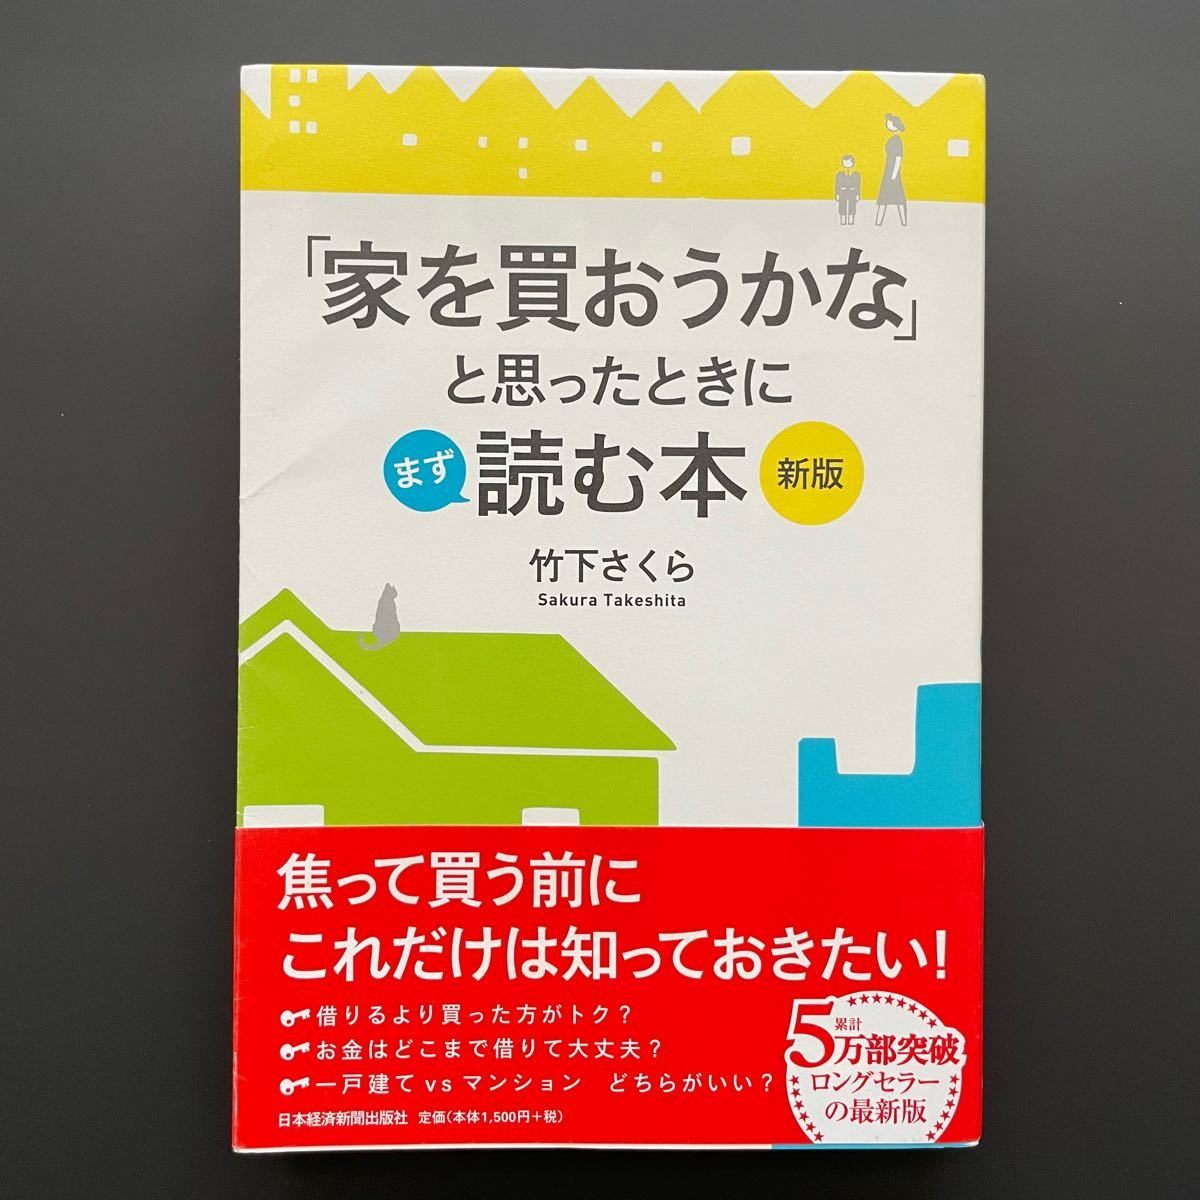 新版「家を買おうかな」 と思ったときにまず読む本/竹下さくら 【著】ロングセラー